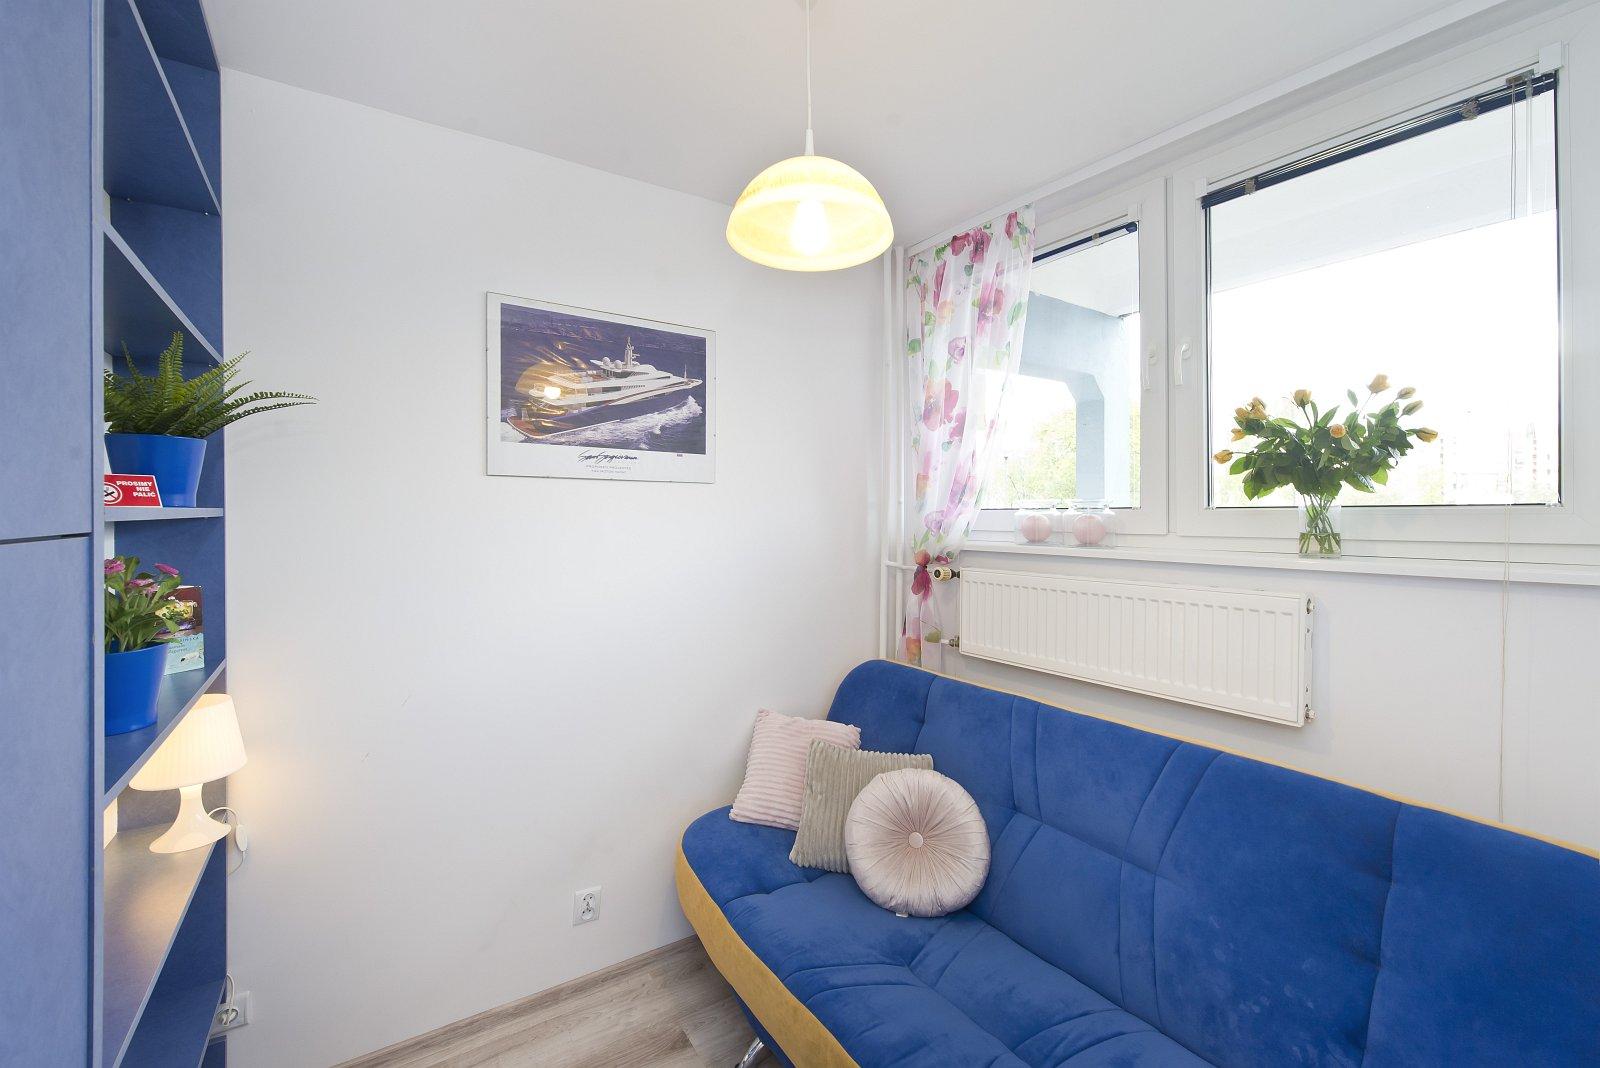 mieszkanie-wynajem-gdansk-k-02-03web